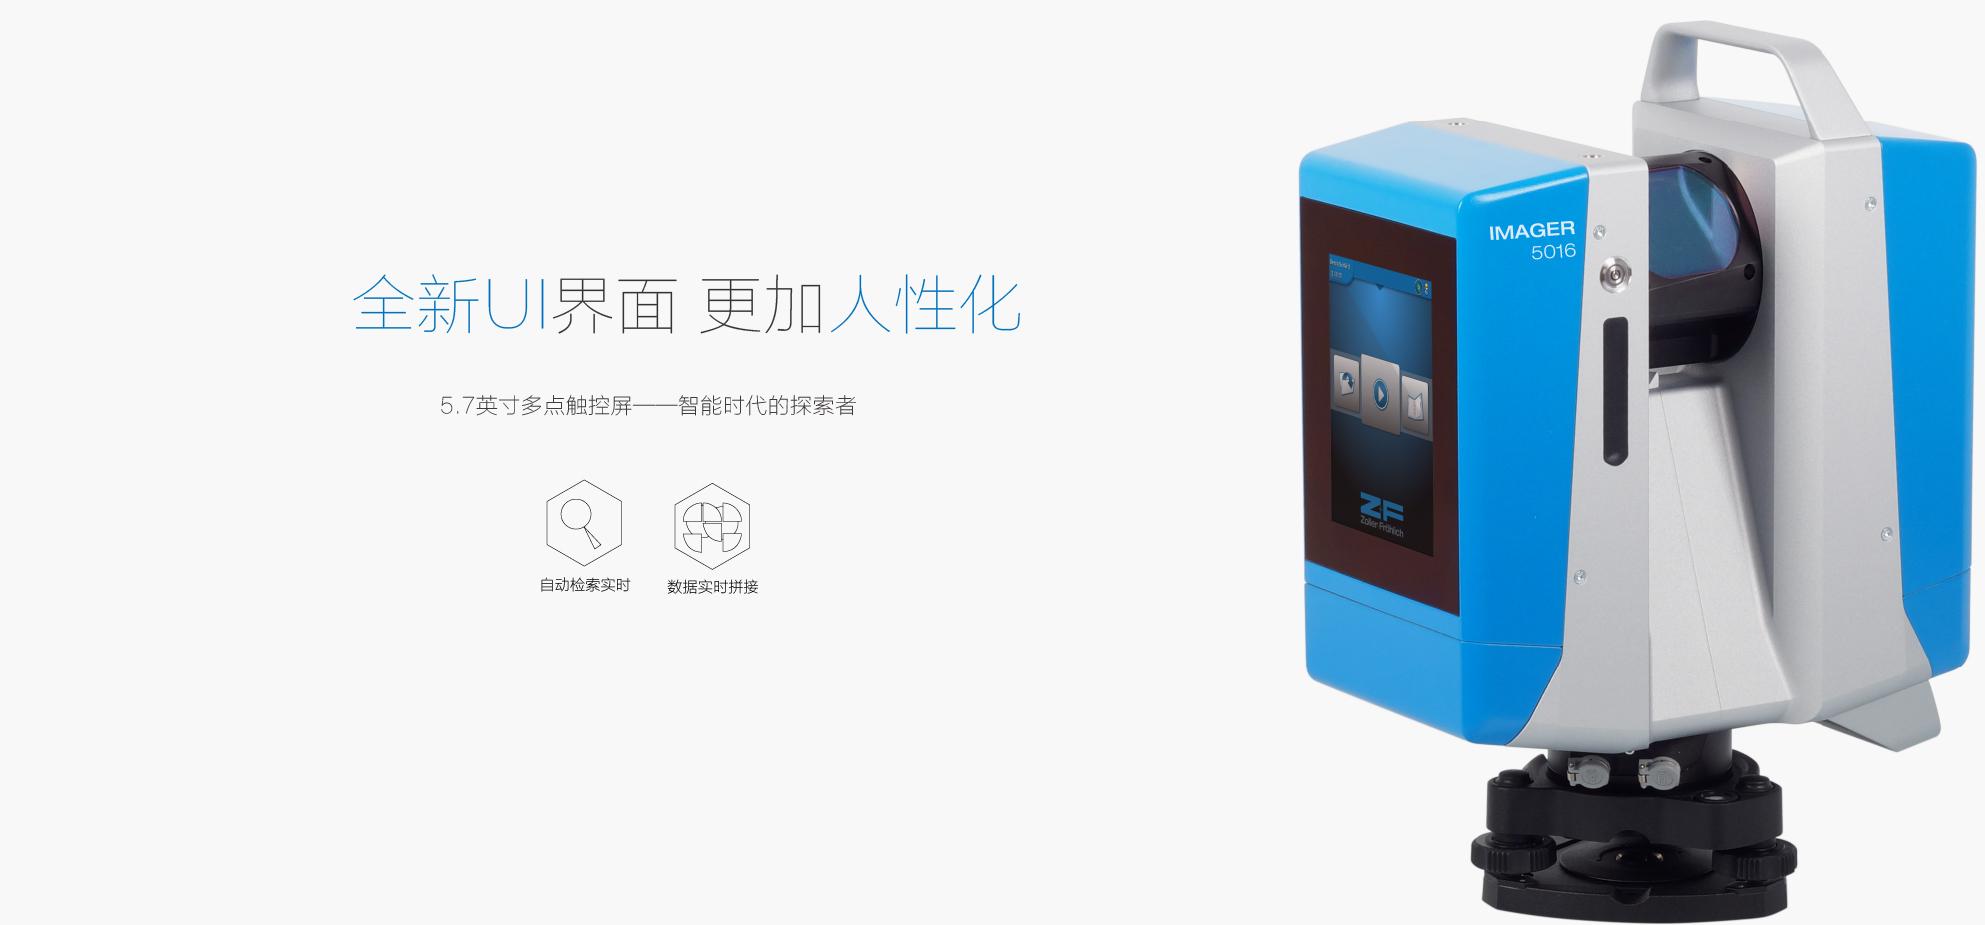 上海華測Z+F 5016三維激光掃描儀,全新UI界面,更加人性化的三維激光掃描儀,相位式激光掃描儀,華測導航